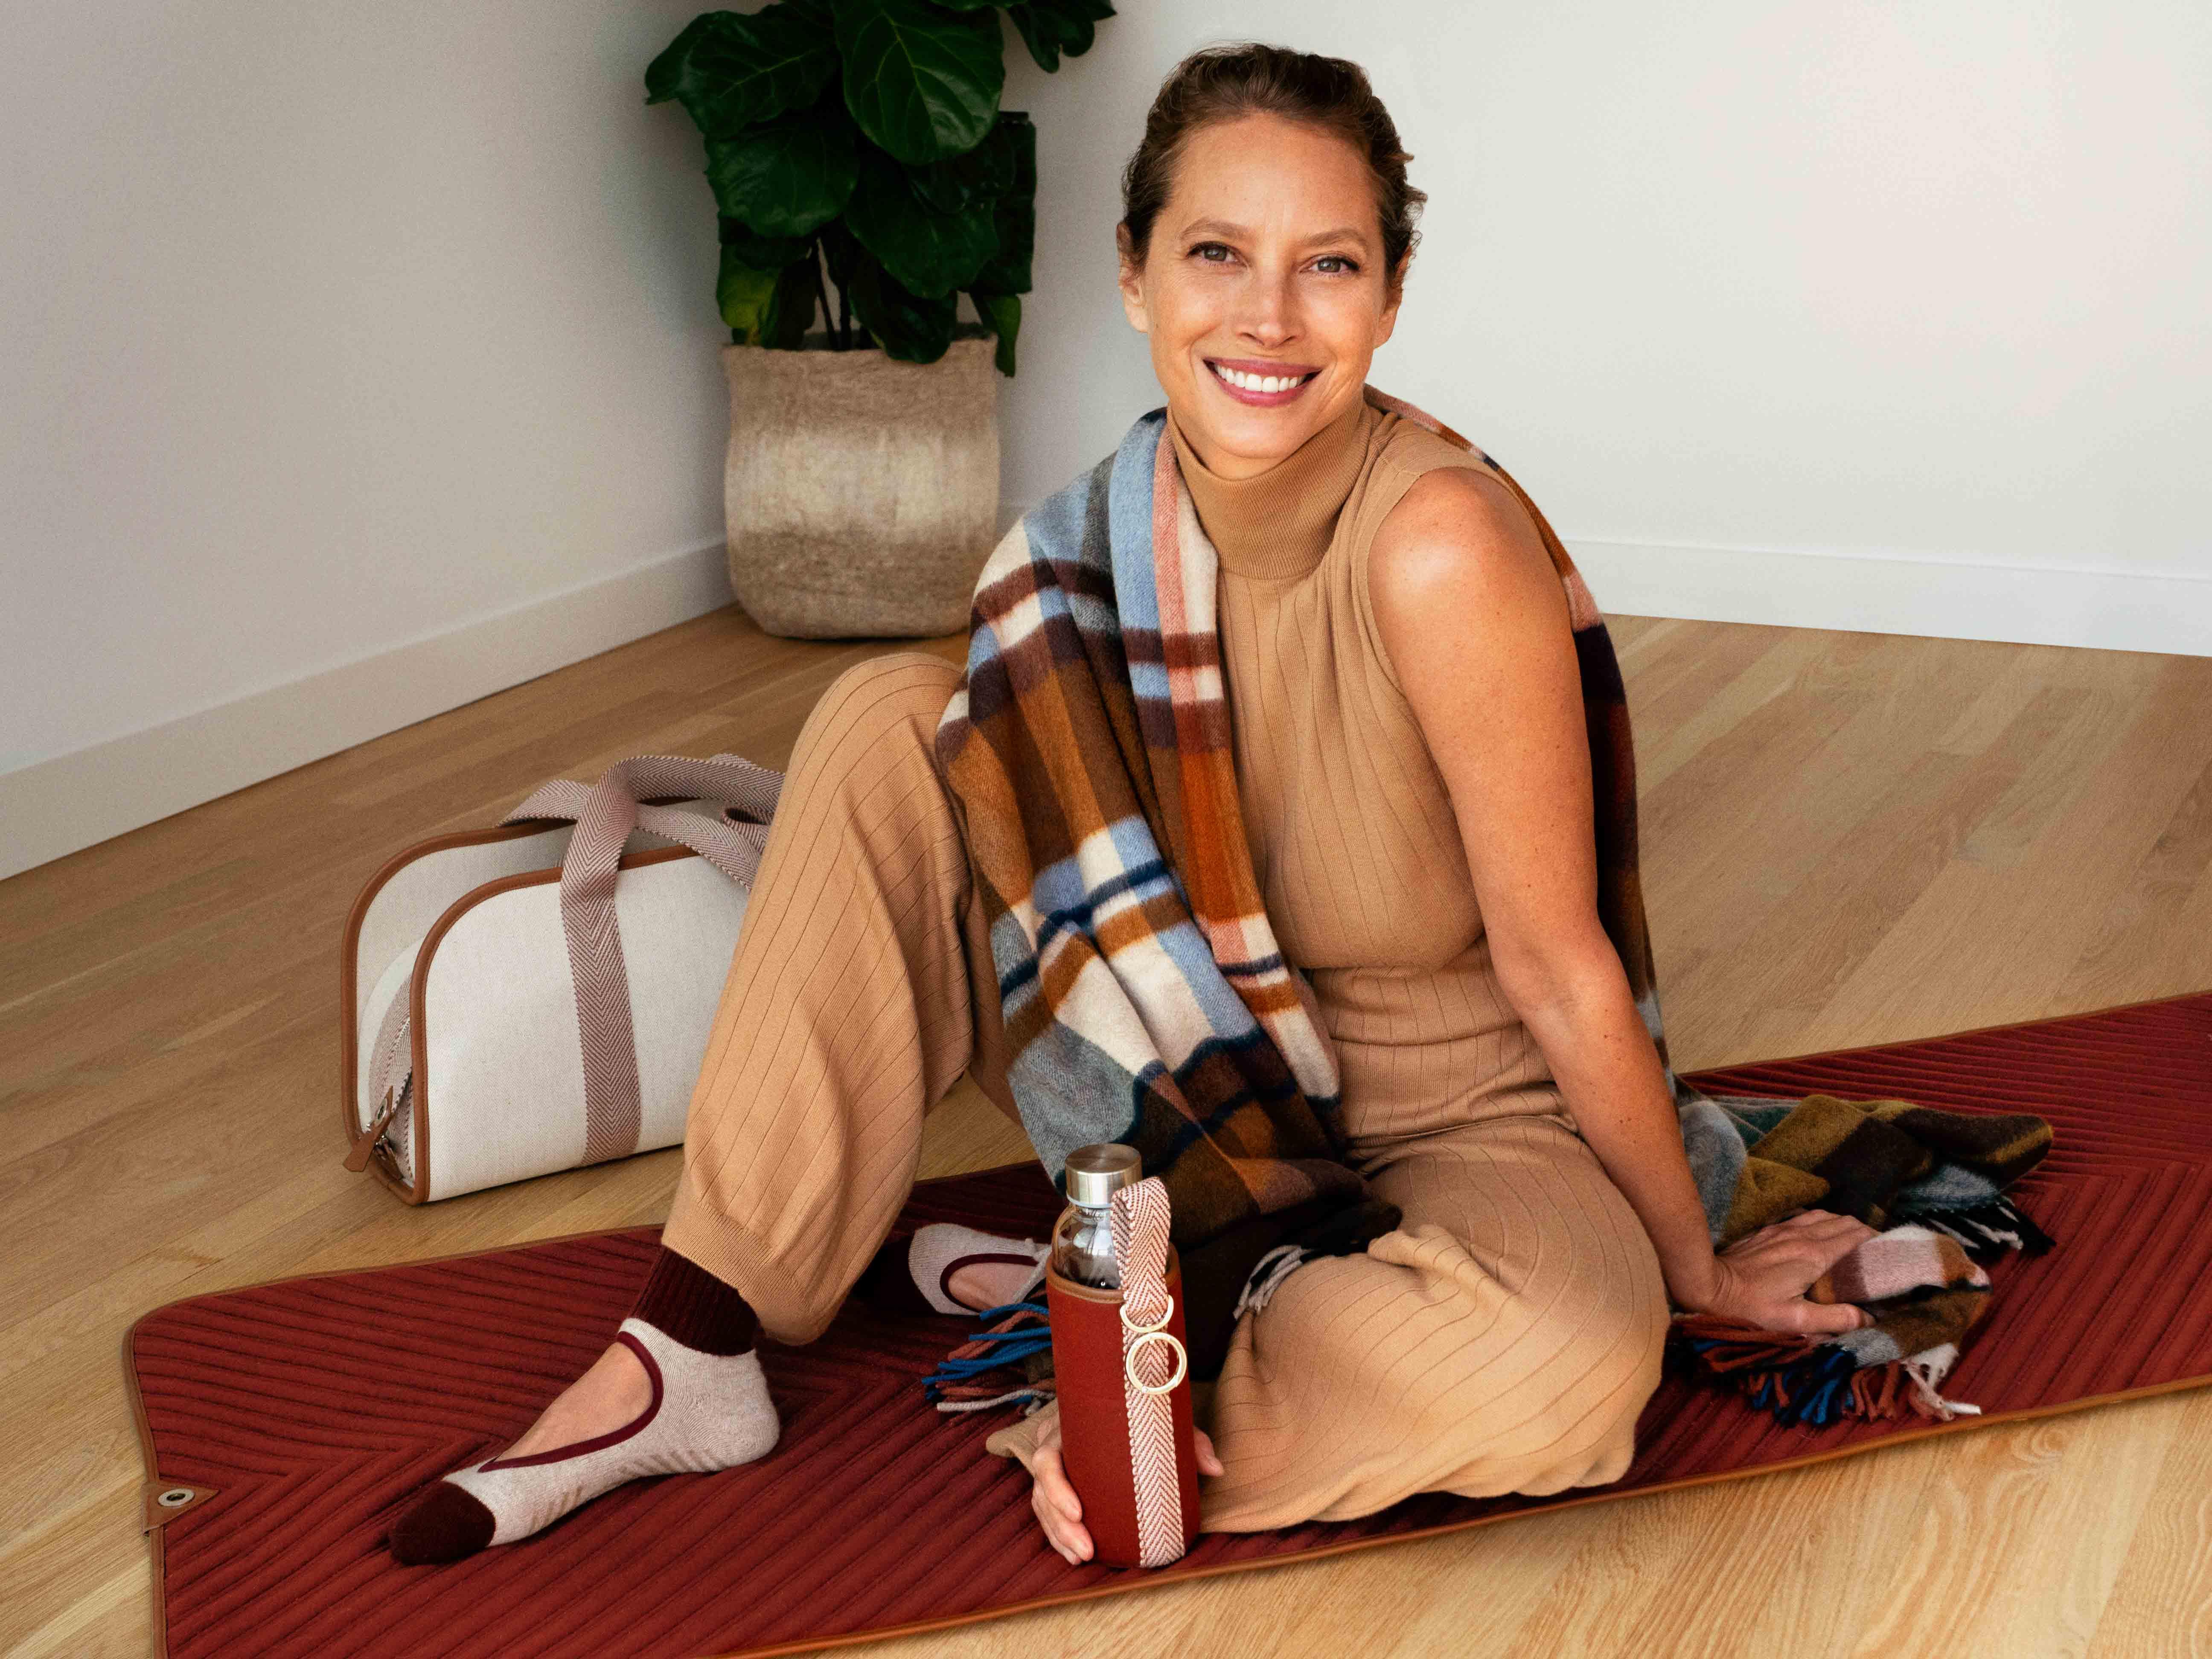 Одежда для отдыха и спортивное снаряжение в новой капсульной коллекции Loro Piana